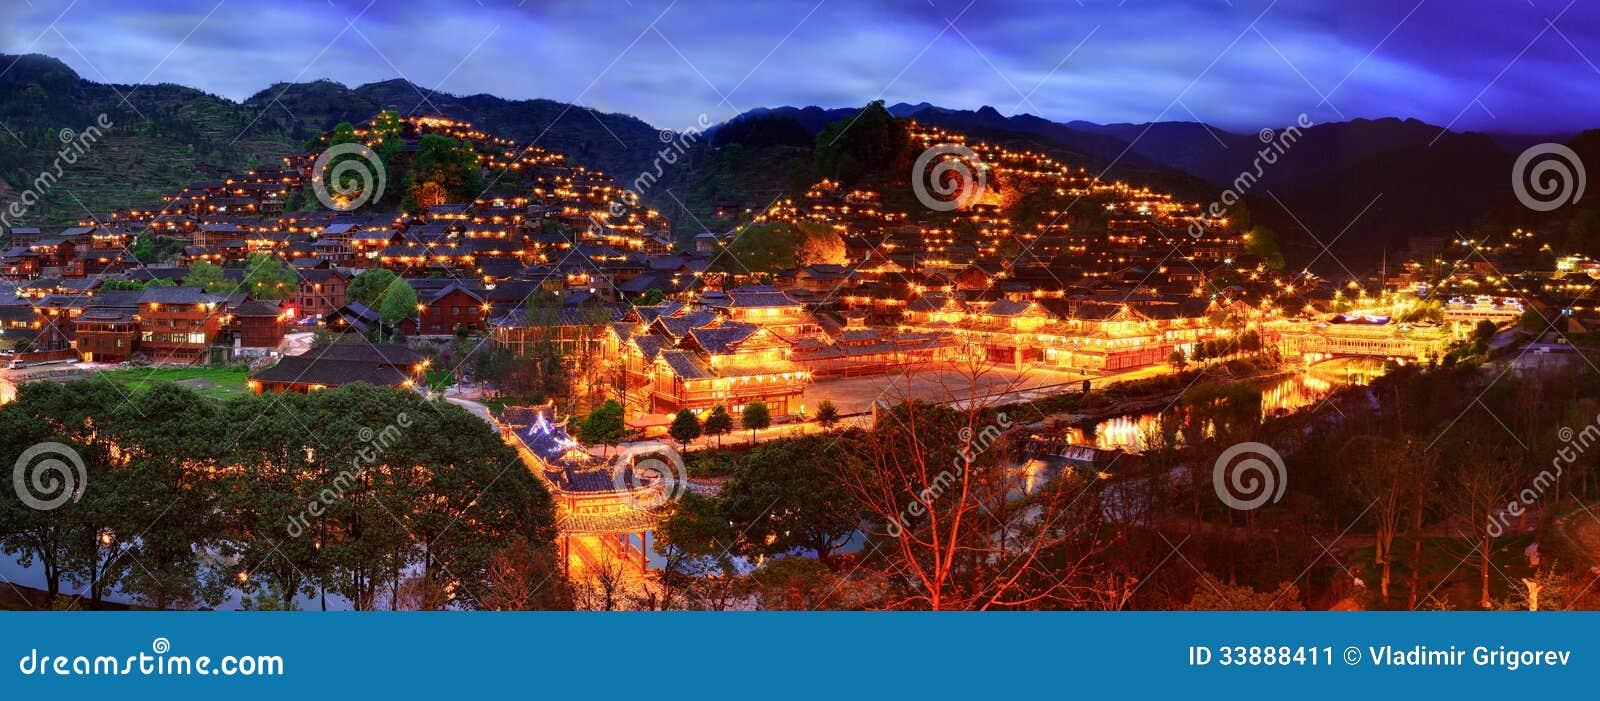 Άποψη νύχτας μεγάλο εθνικό χωριό στη νοτιοδυτική Κίνα.